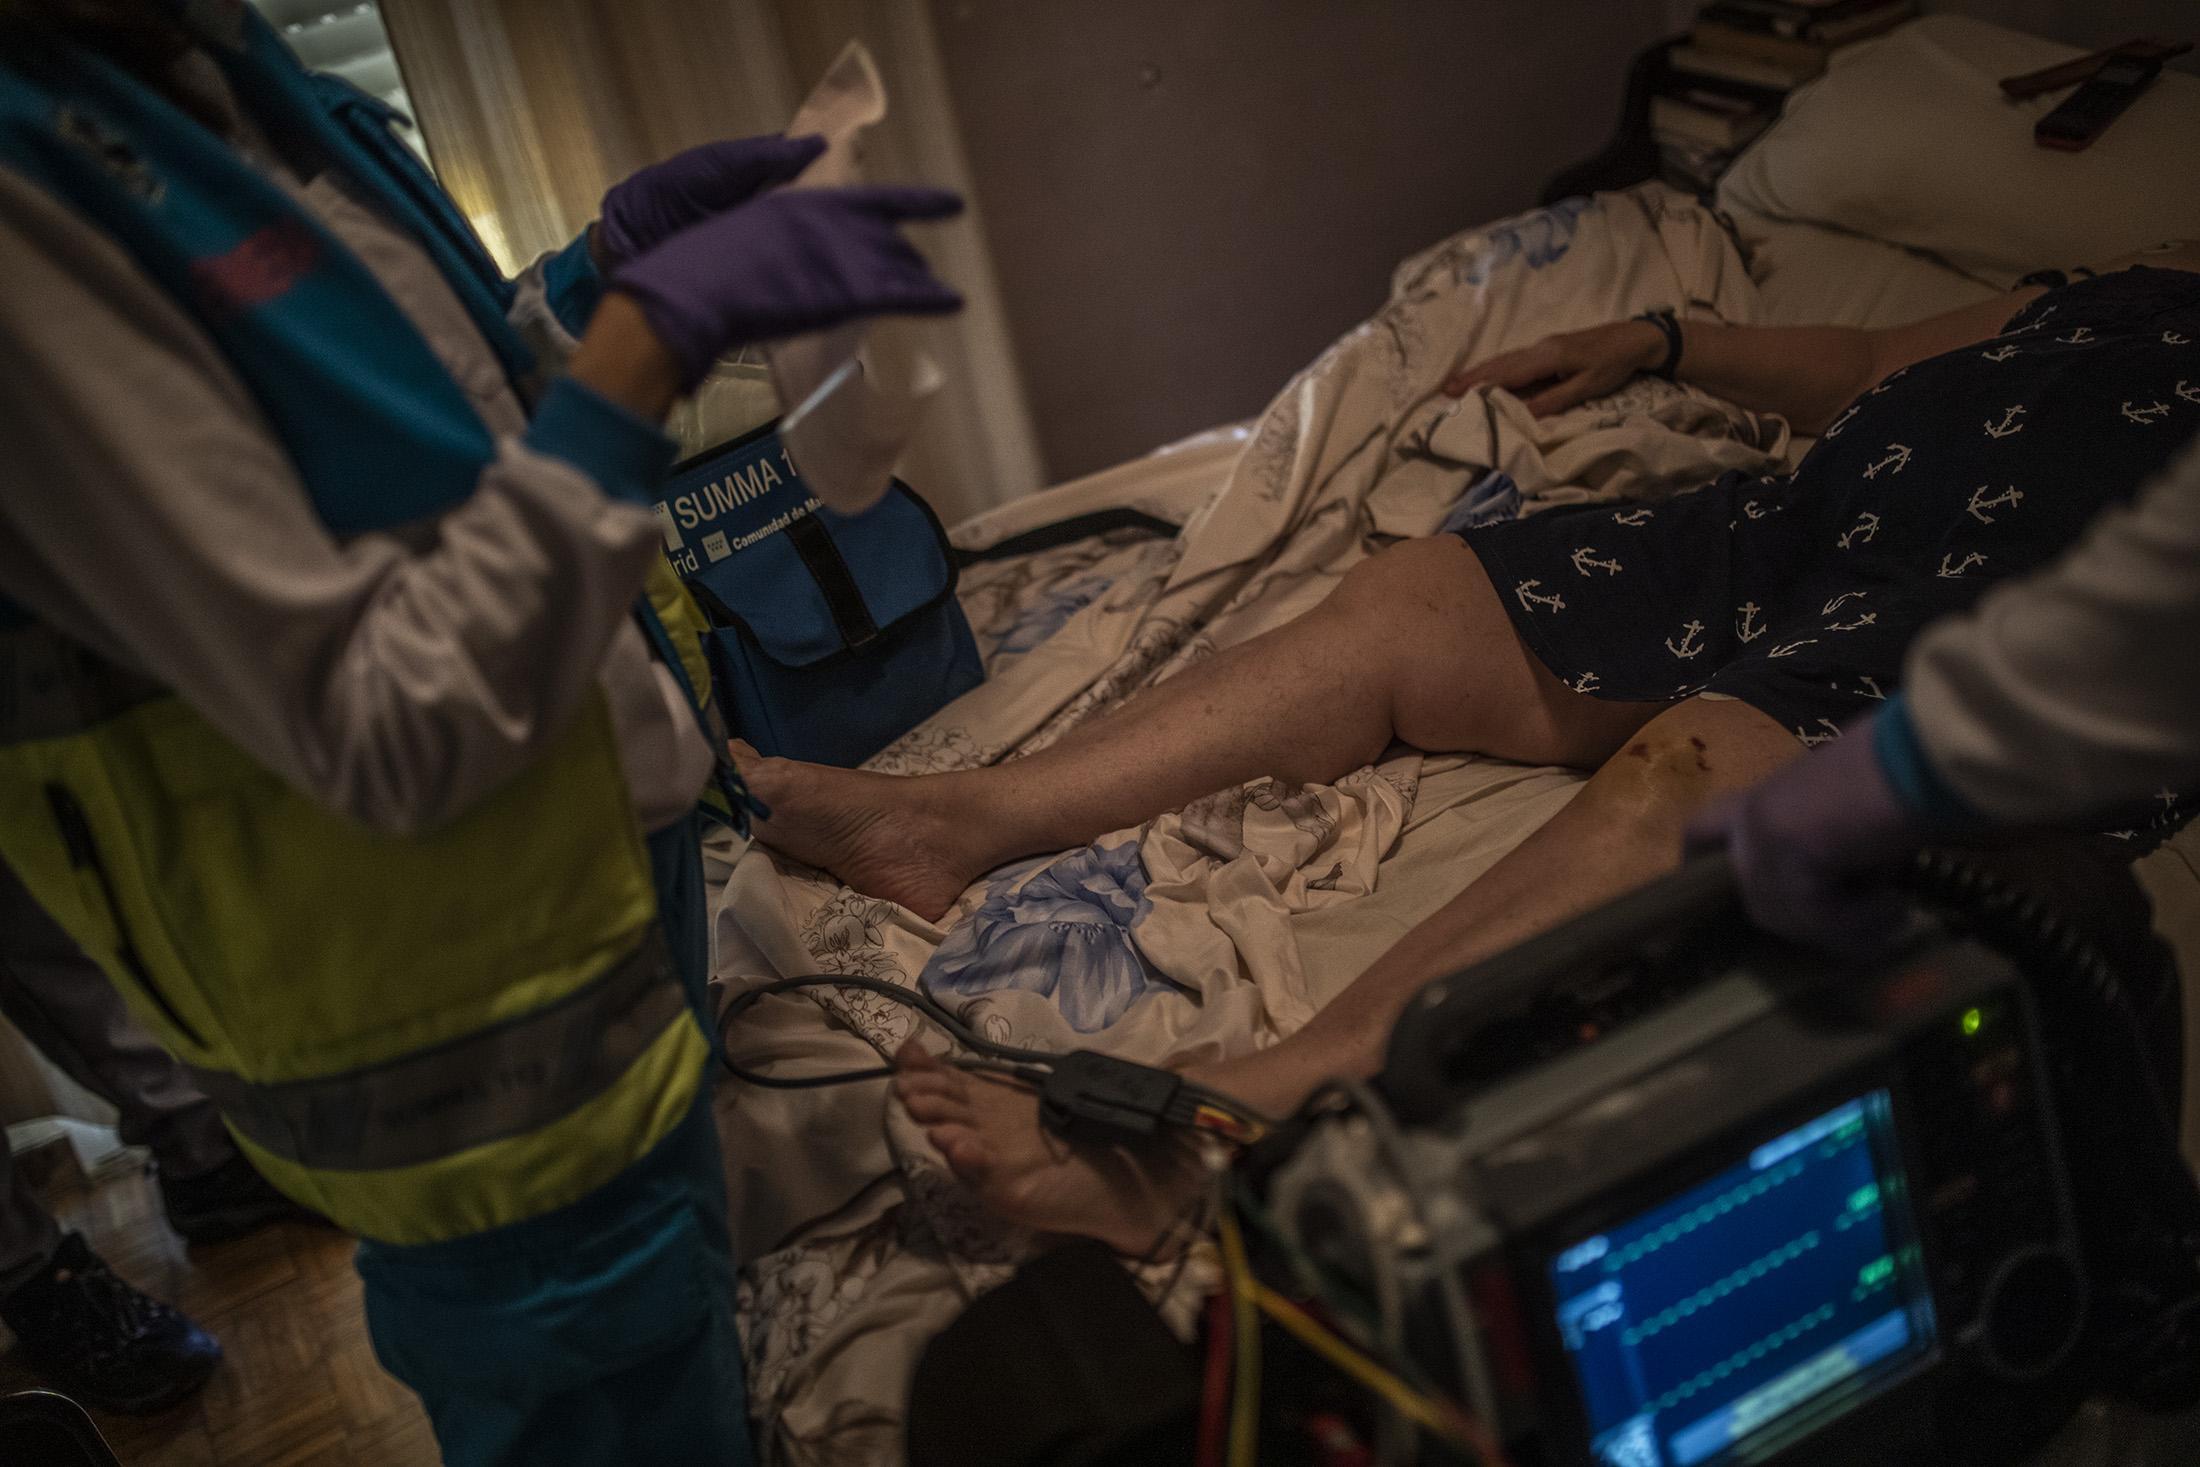 El equipo sanitario de la UVI-8 del Summa atiende a Mari Carmen de 63 años en su domicilio aquejada de varias molestias en Madrid. La desescalada ha ayudado a que no haya tantas intervenciones por COVID-19, aun así el personal del SUMMA sigue atendiendo a todoslos pacientes con un nuevo protocolo desde el inicio de la pandemia